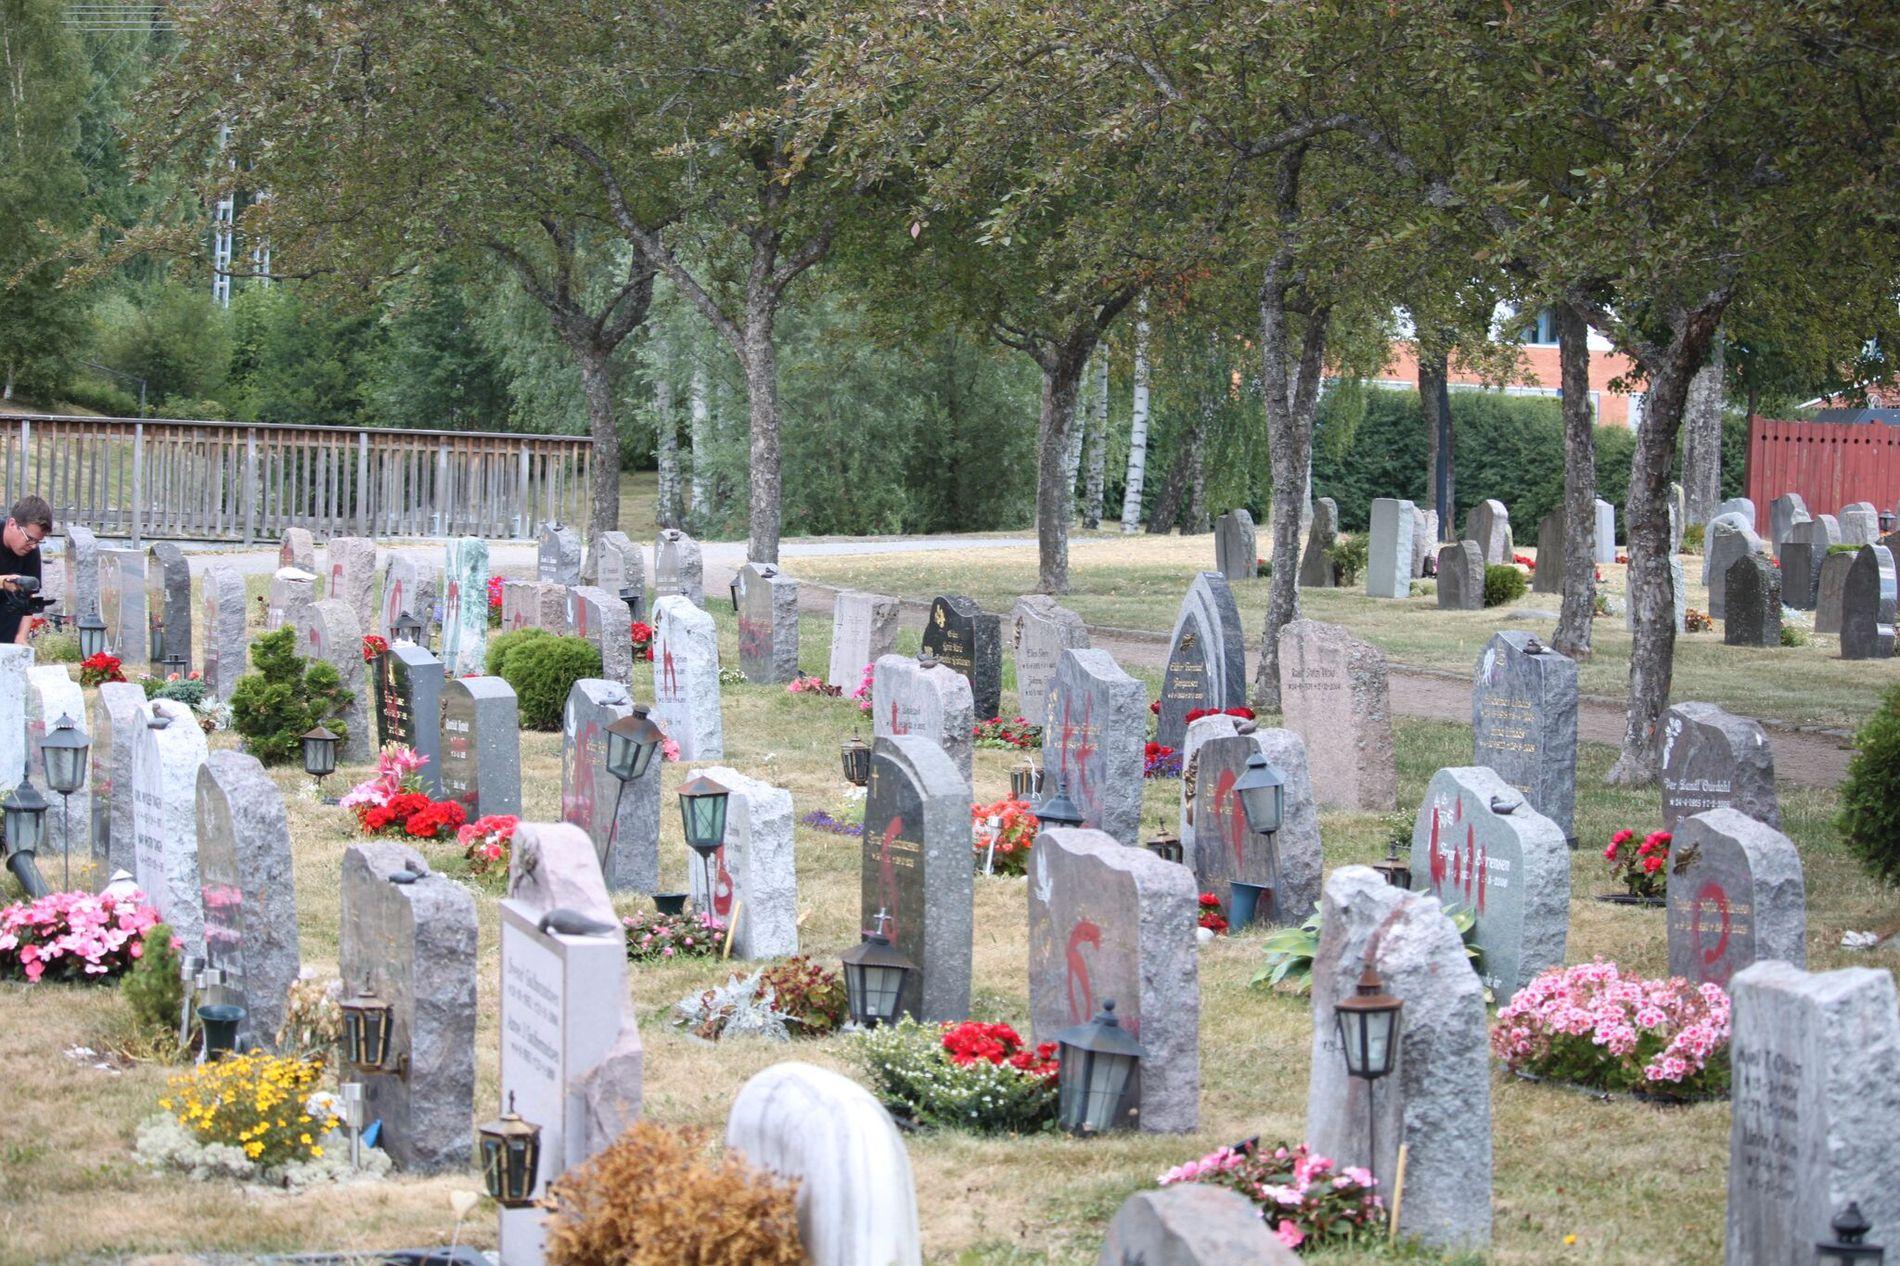 92 STYKK: Hele 92 gravstøtter var dekket av rødfargen.